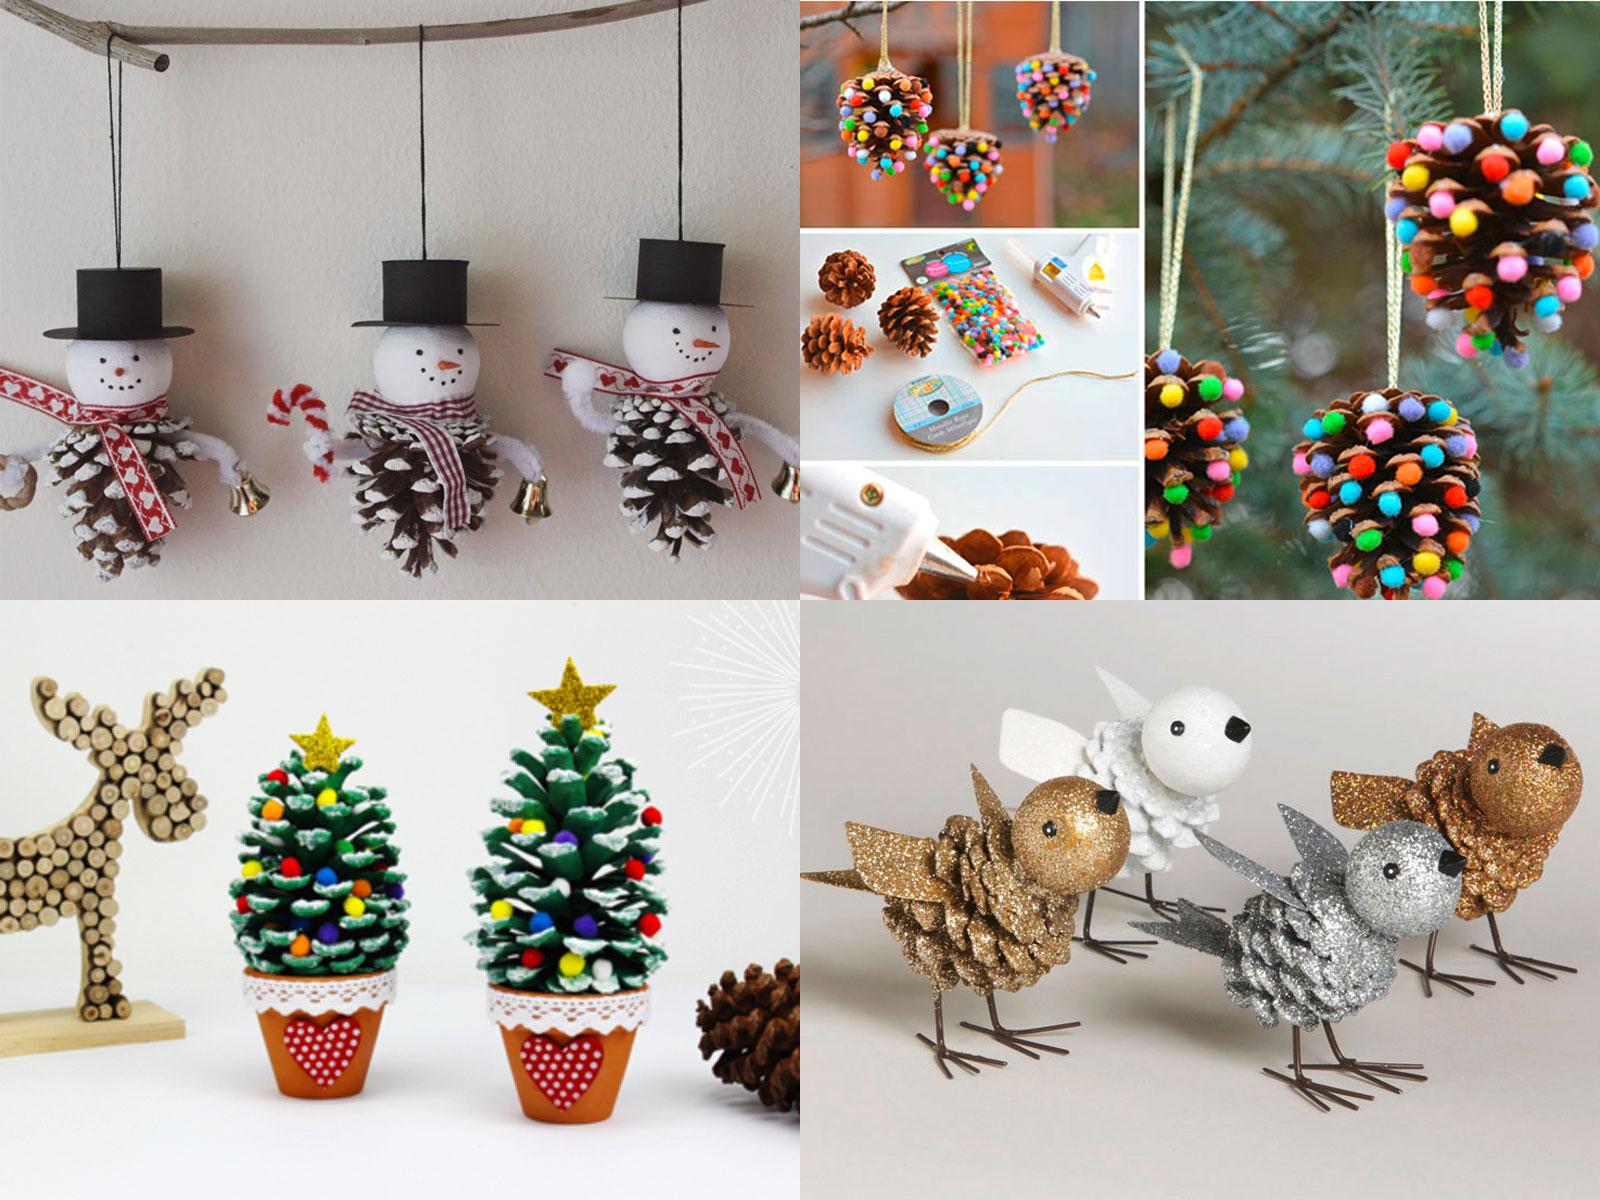 Spécial Fêtes: Nos Bricolages De Noël intérieur Bricolage De Noel Pour Maternelle